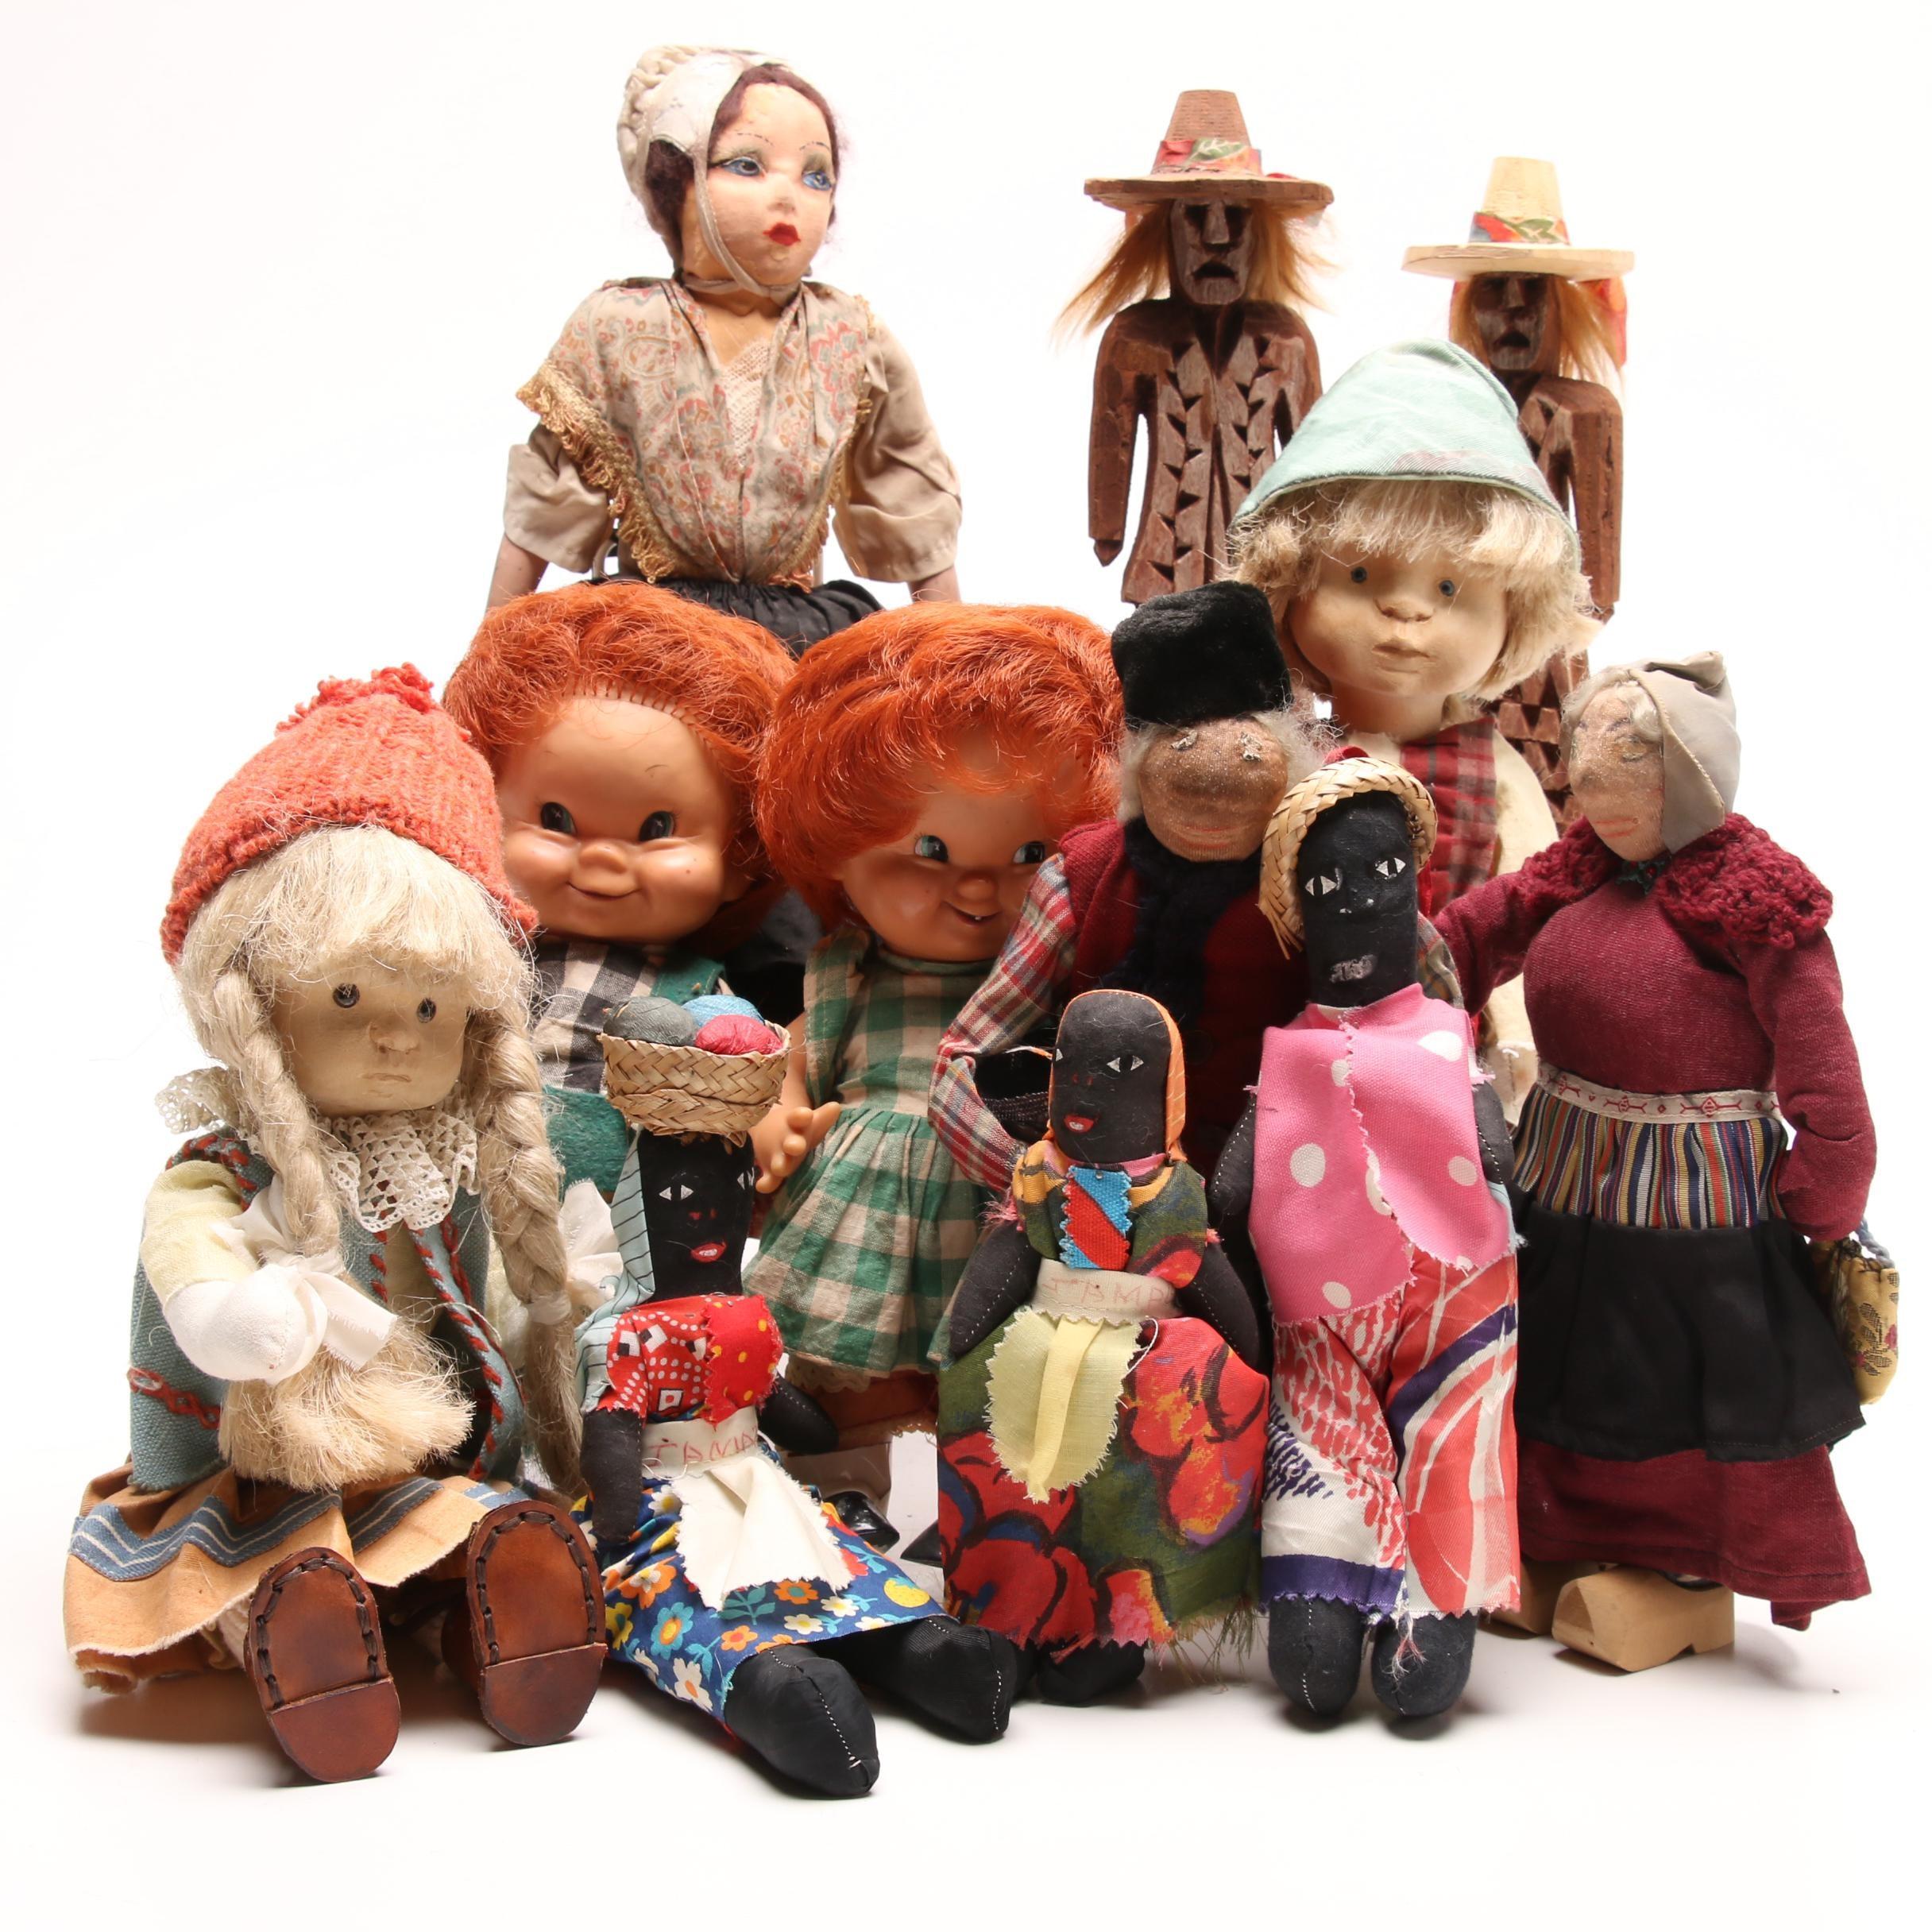 Vintage Souvenir Dolls